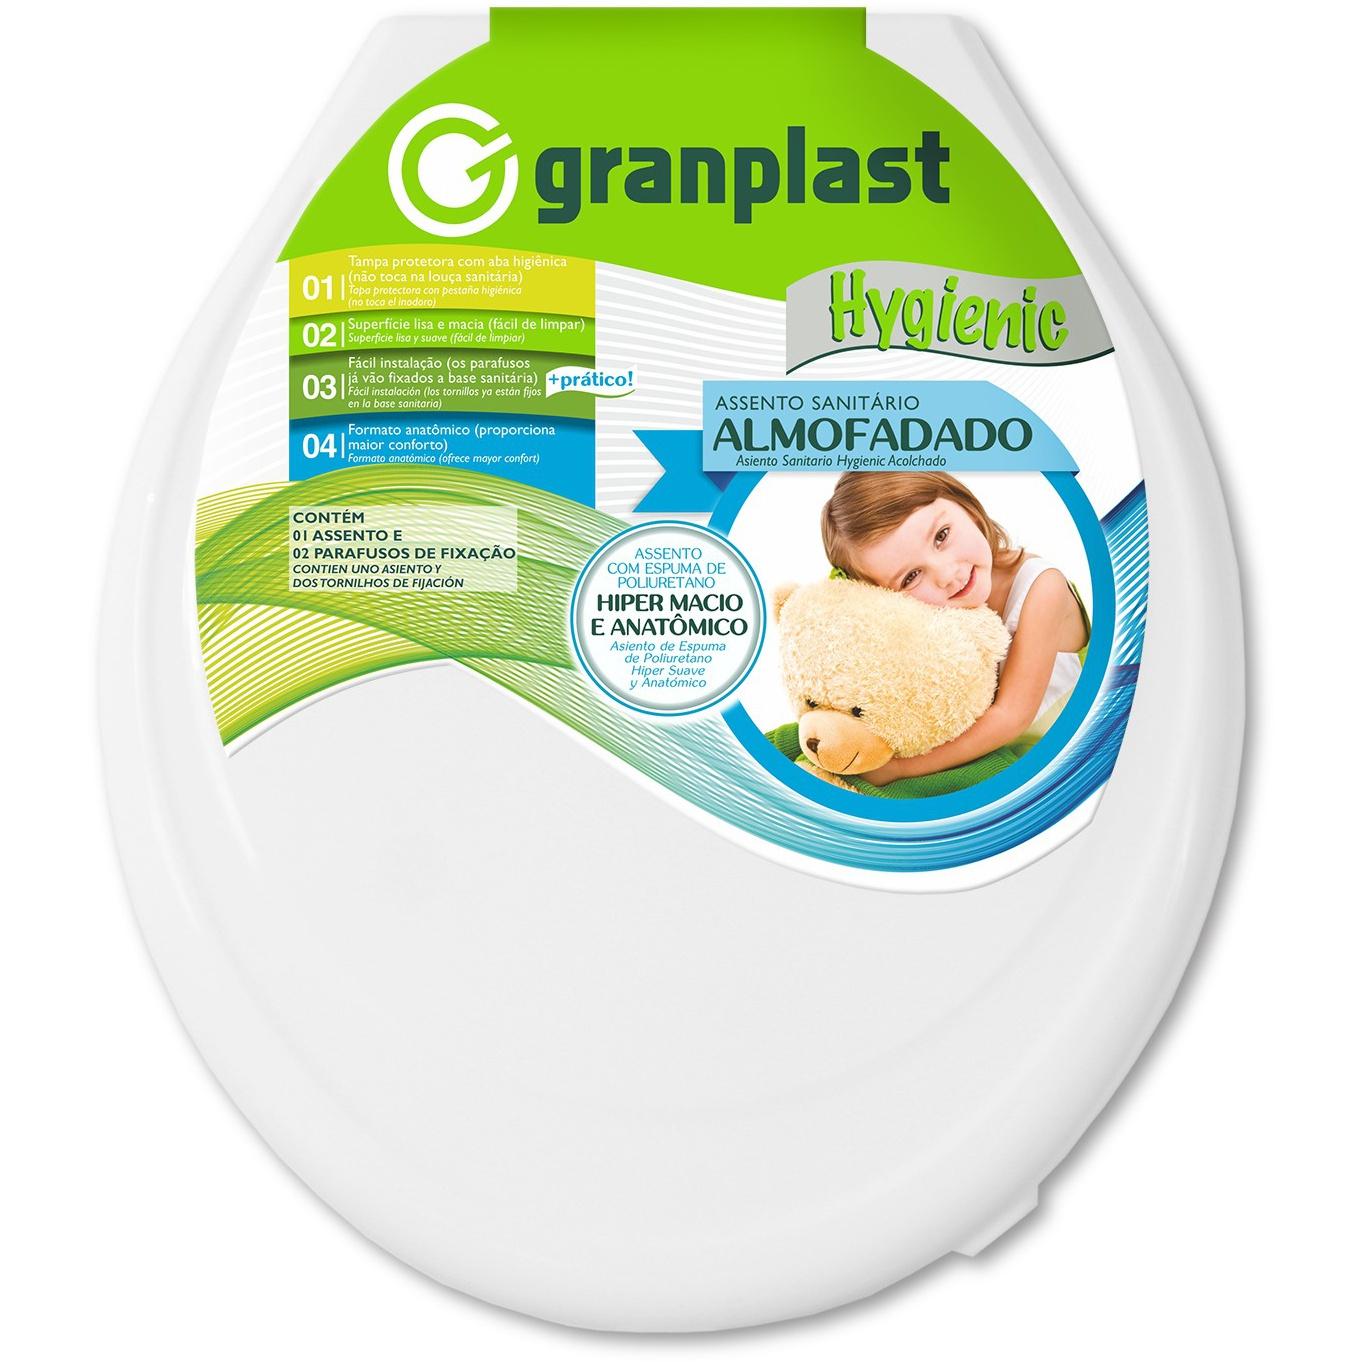 Assento Sanitario Almofadado Hygienic Branco - Granplast